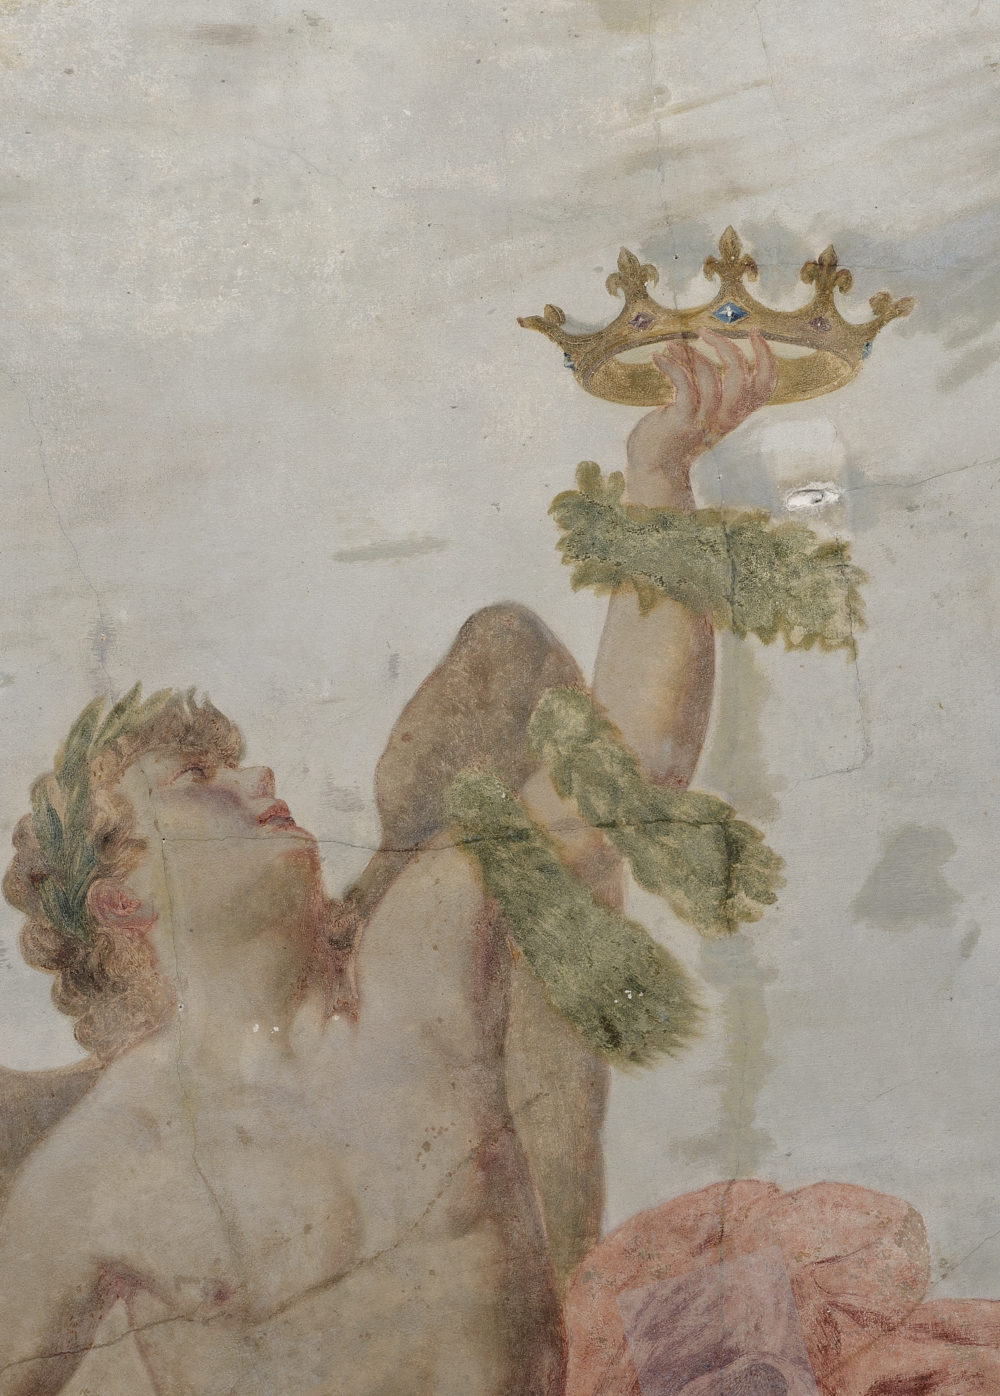 Uskrzydlony młodzieniec z wieńcami i koroną w ręku